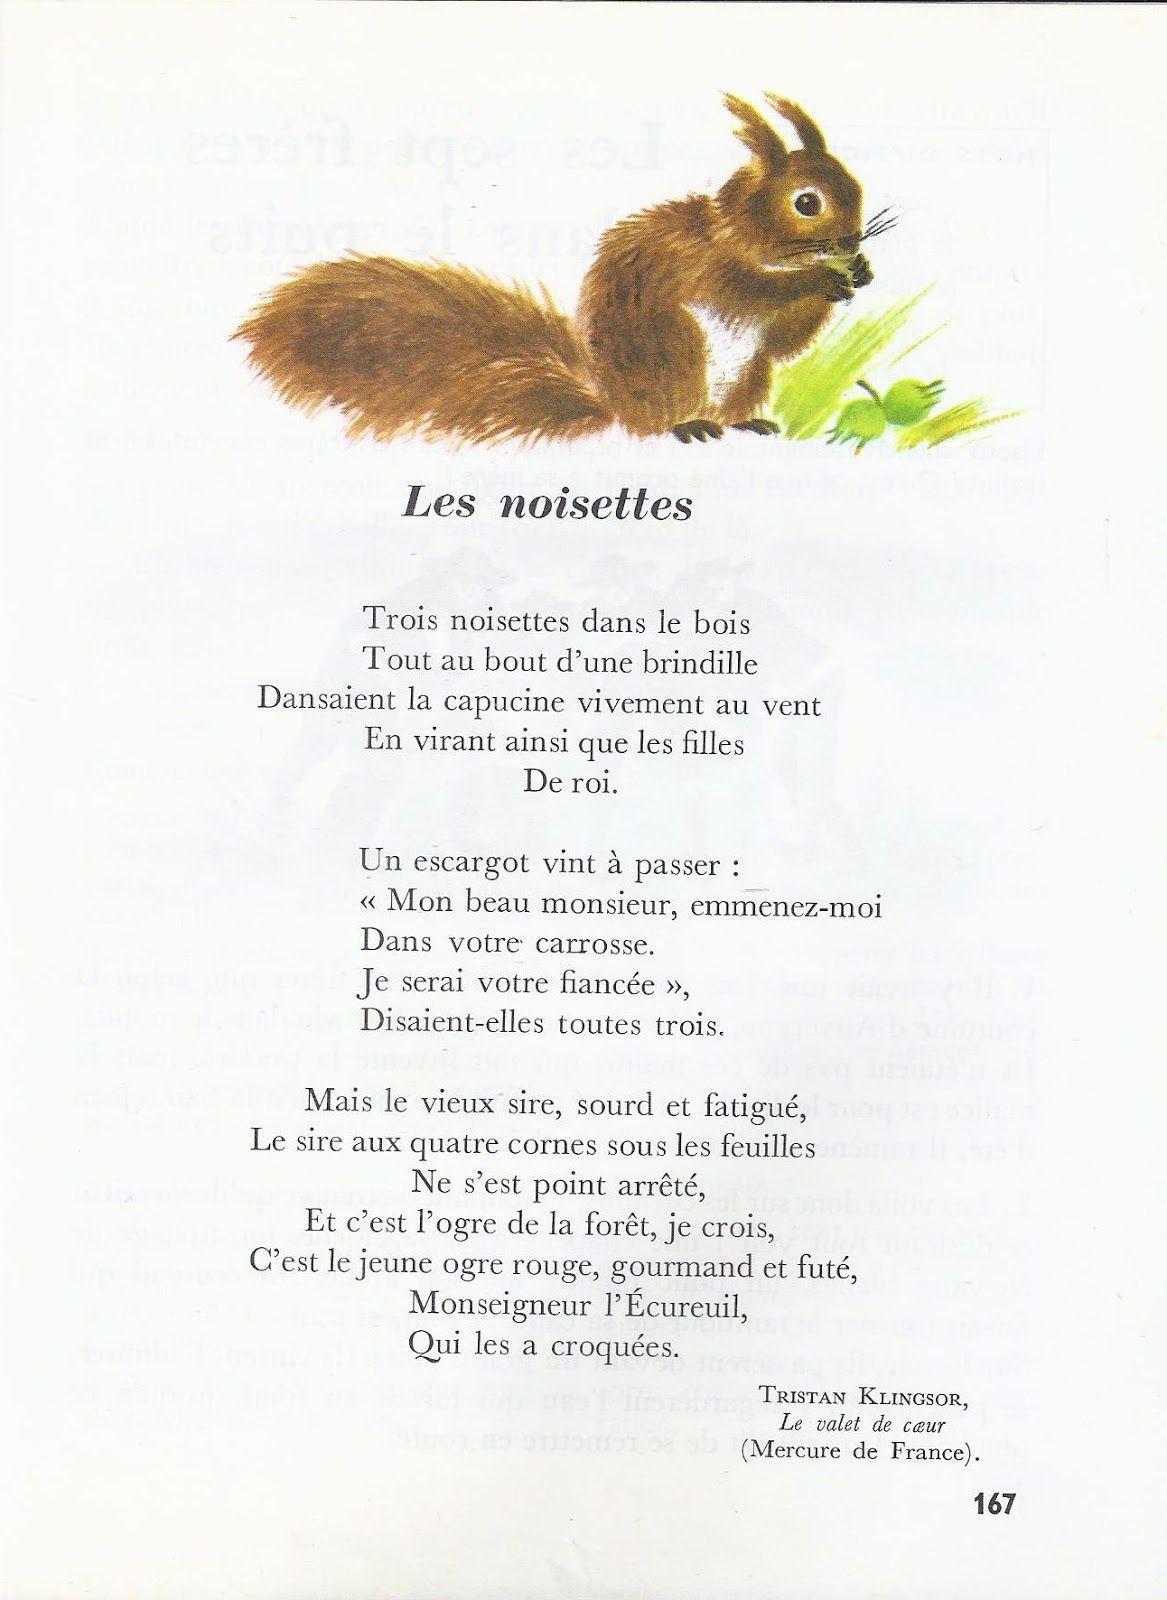 poesie 3 noisettes